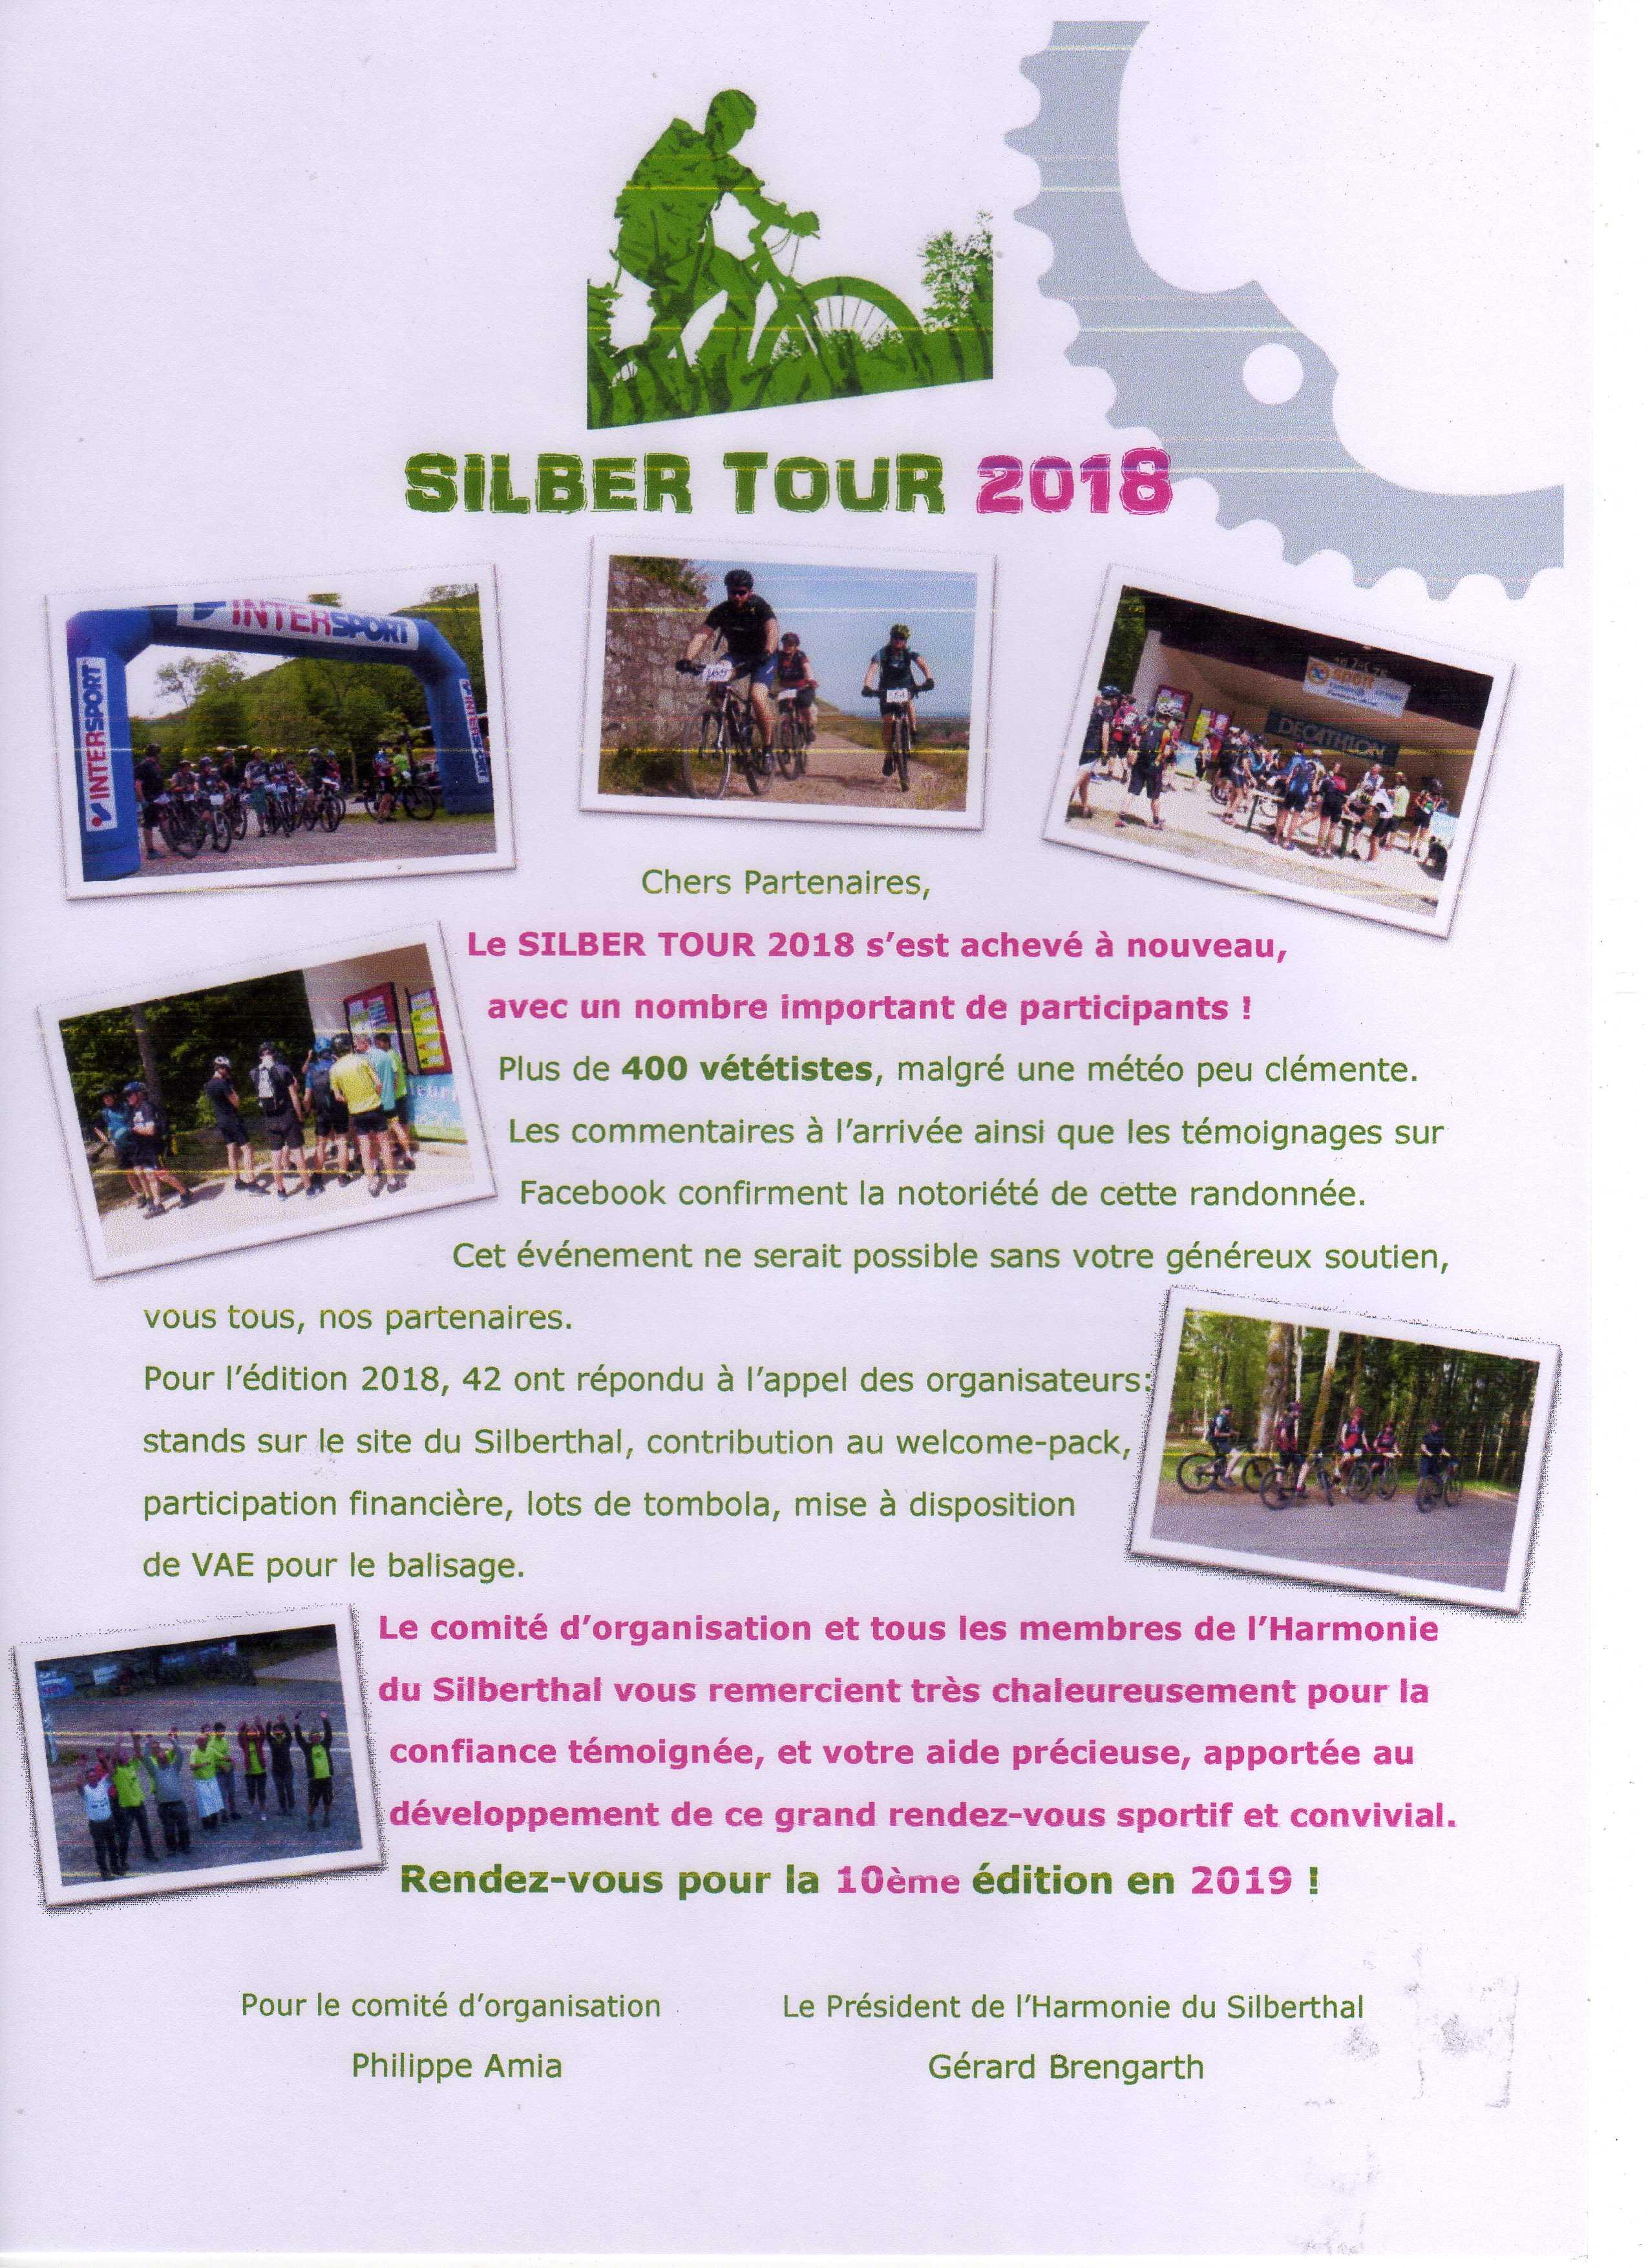 Remerciements aux partenaires de SILBER TOUR